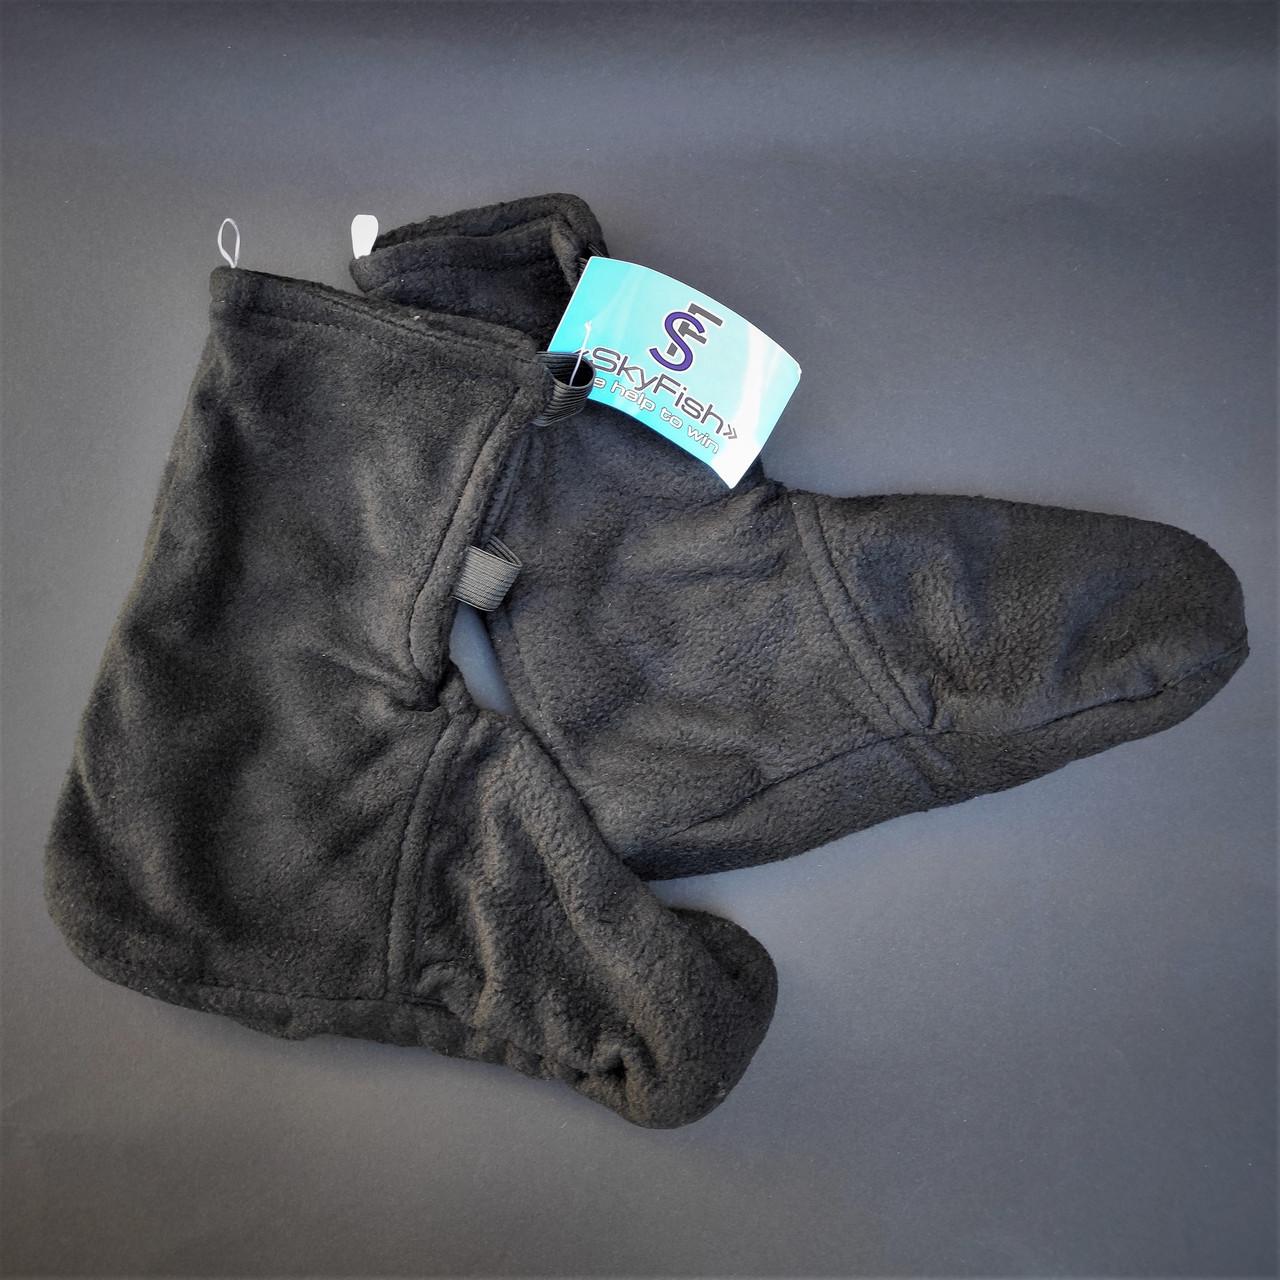 Носки-чуни флисовые вставки в резиновые сапоги теплые вкладыши для резиновых сапог ZEPMA Черные (11088), фото 1